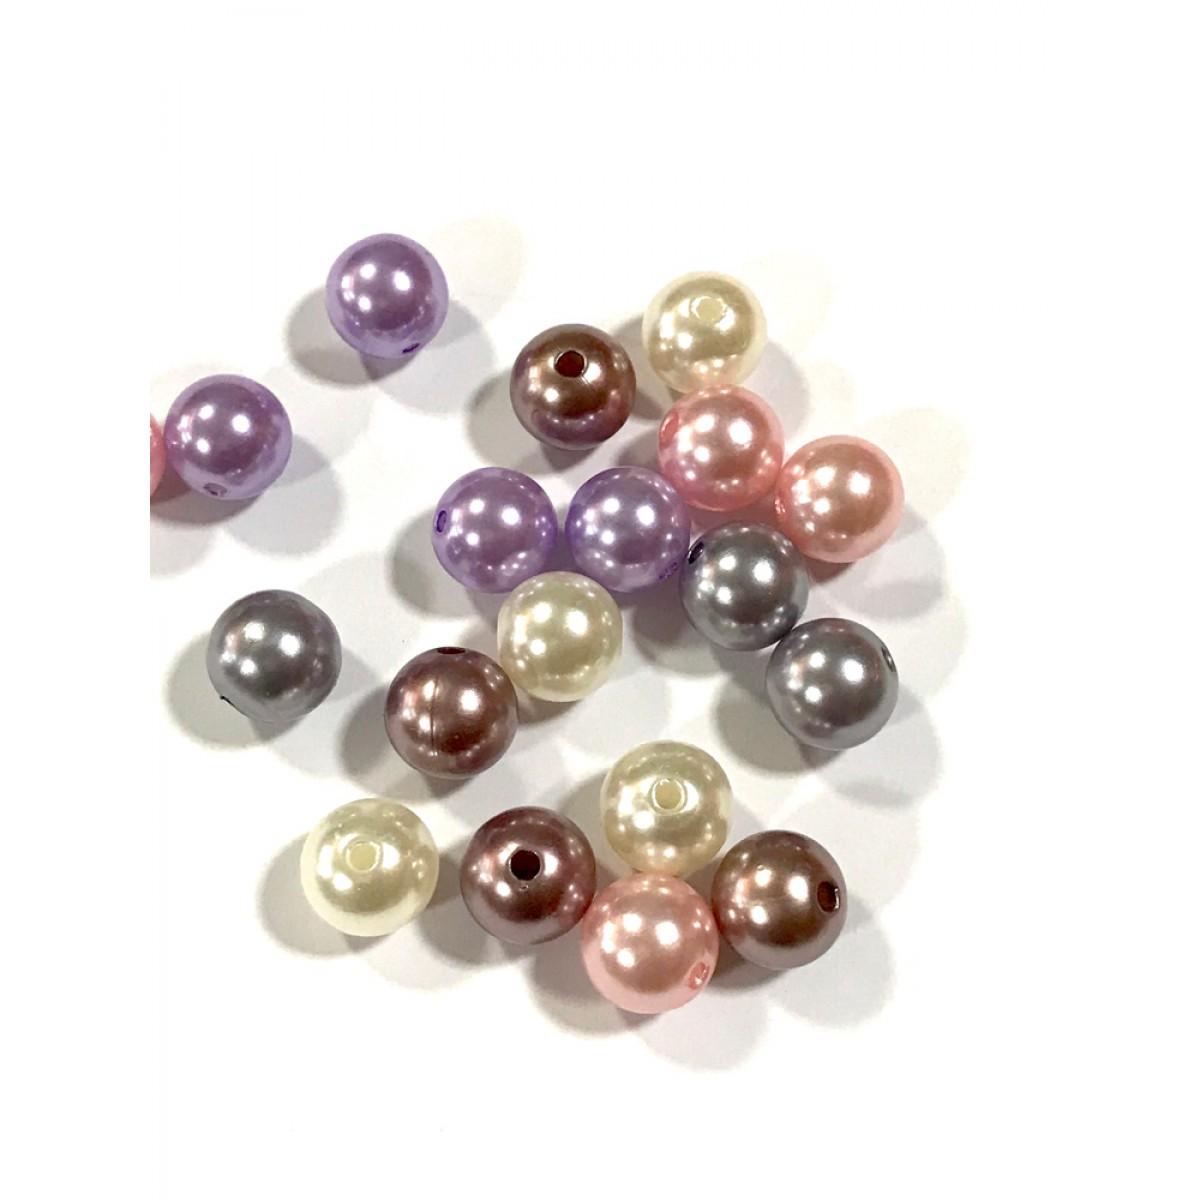 Χάντρες Πέρλες Μίξη Χρωμάτων 24mm